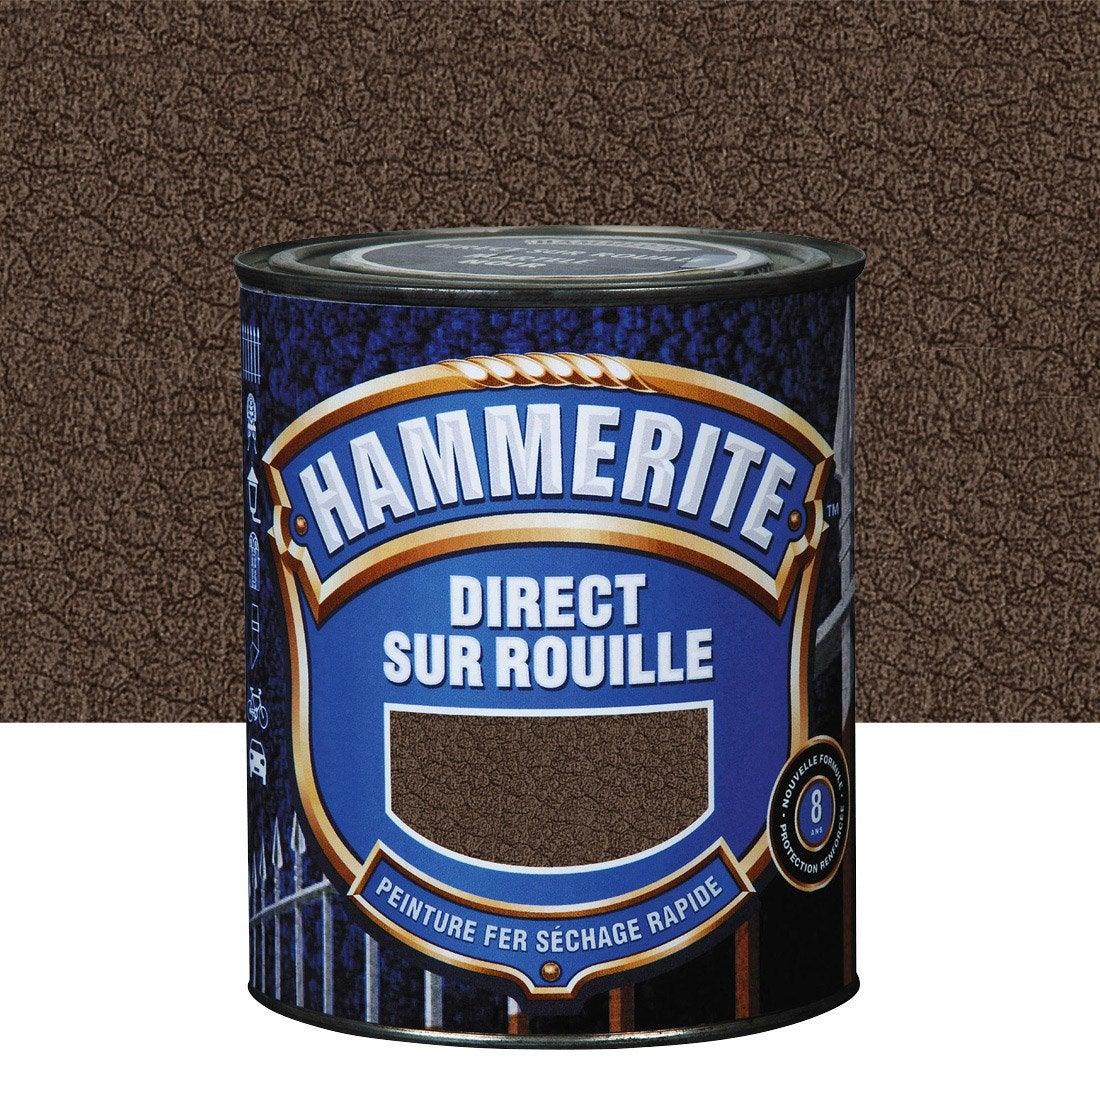 Peinture fer ext rieur hammerite ch taigne l leroy merlin - Leroy merlin peinture fer ...